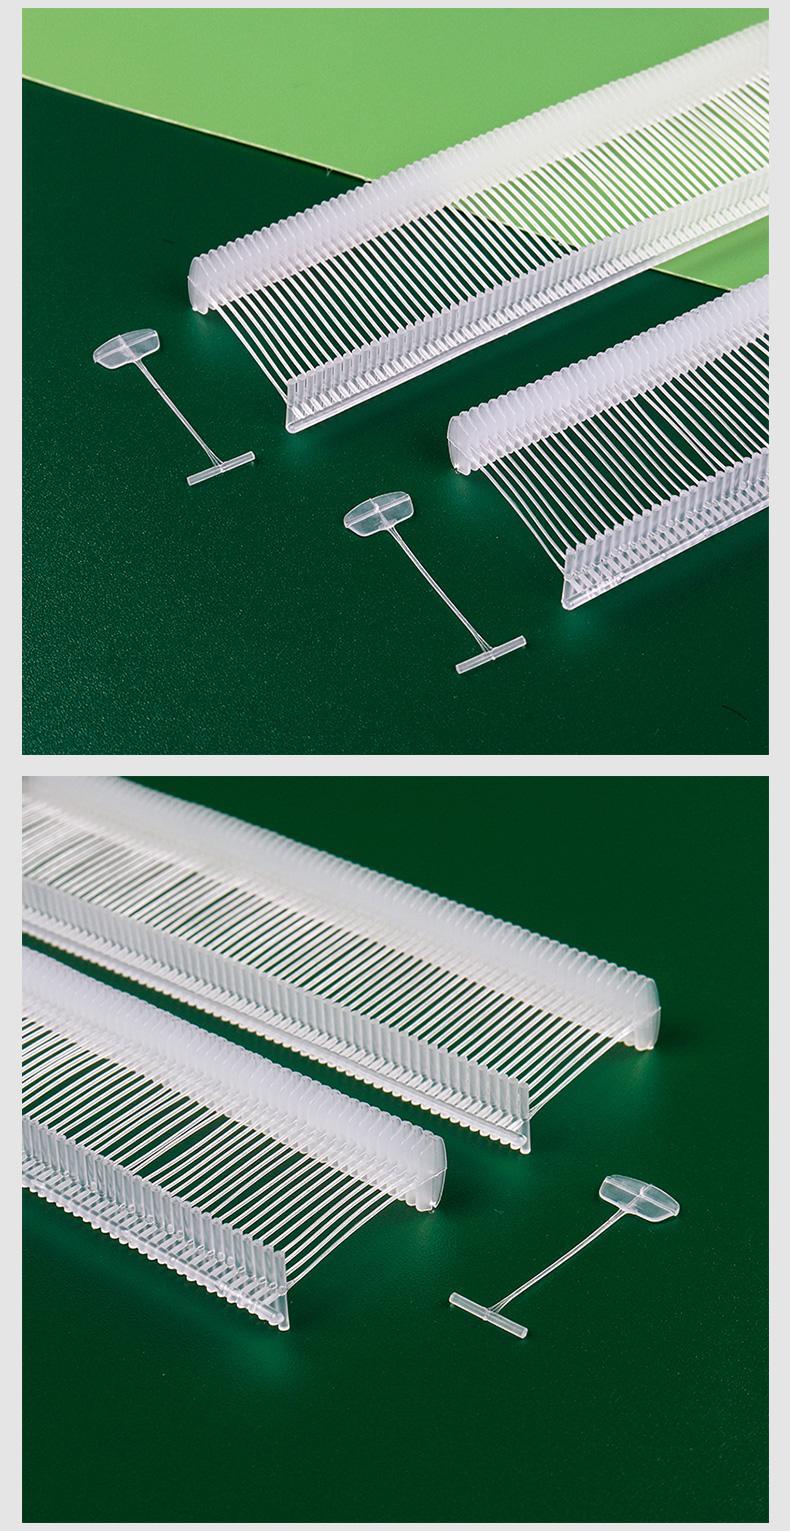 SAGA PIN 75髮膠針 服裝標籤連接用塑膠制線 12